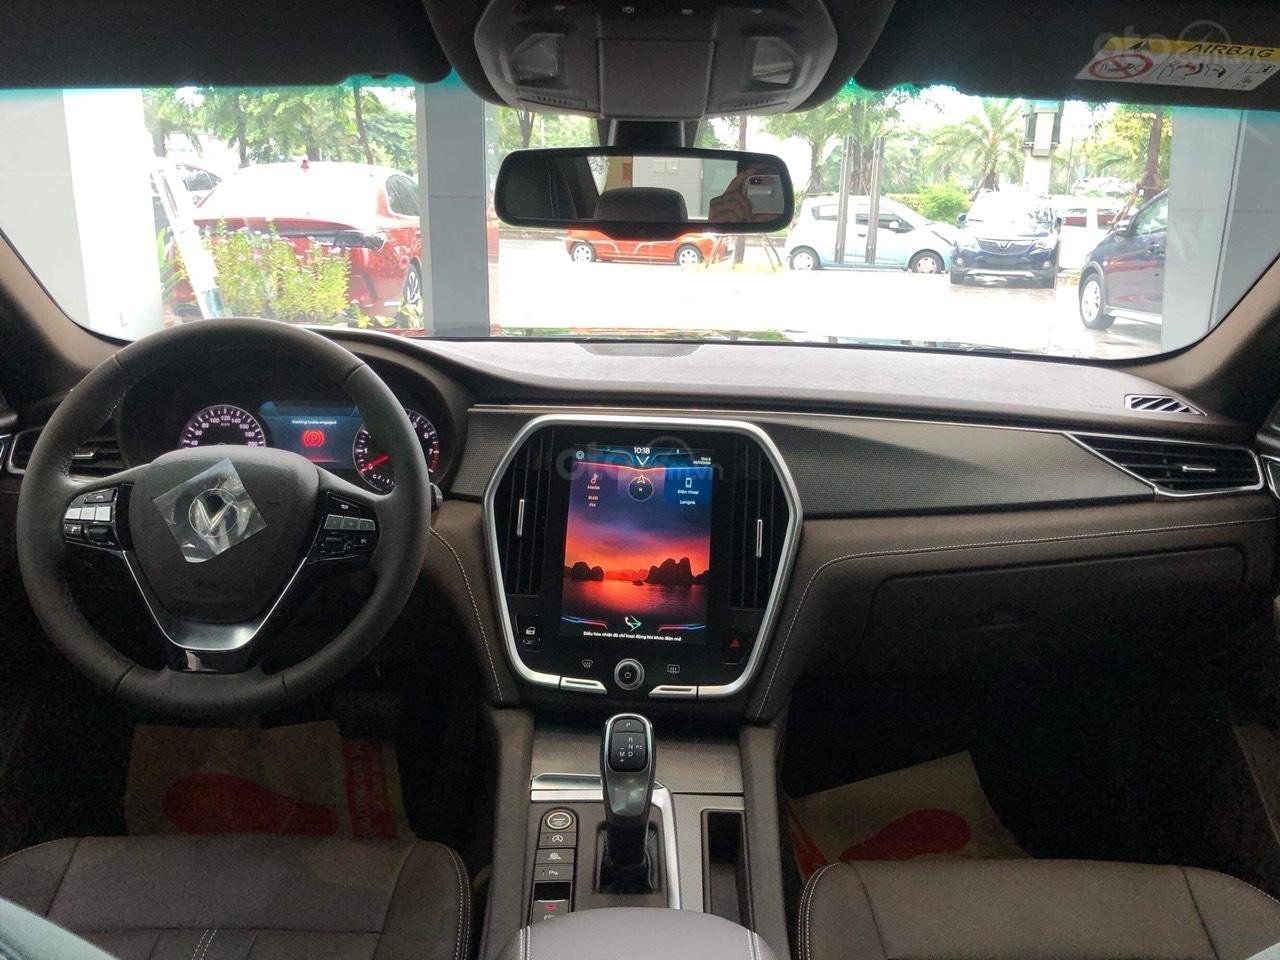 Bán xe VinFast LUX A2.0 full-Da Nappa Nâu 2019, màu bạc 0911234775 em Long (4)